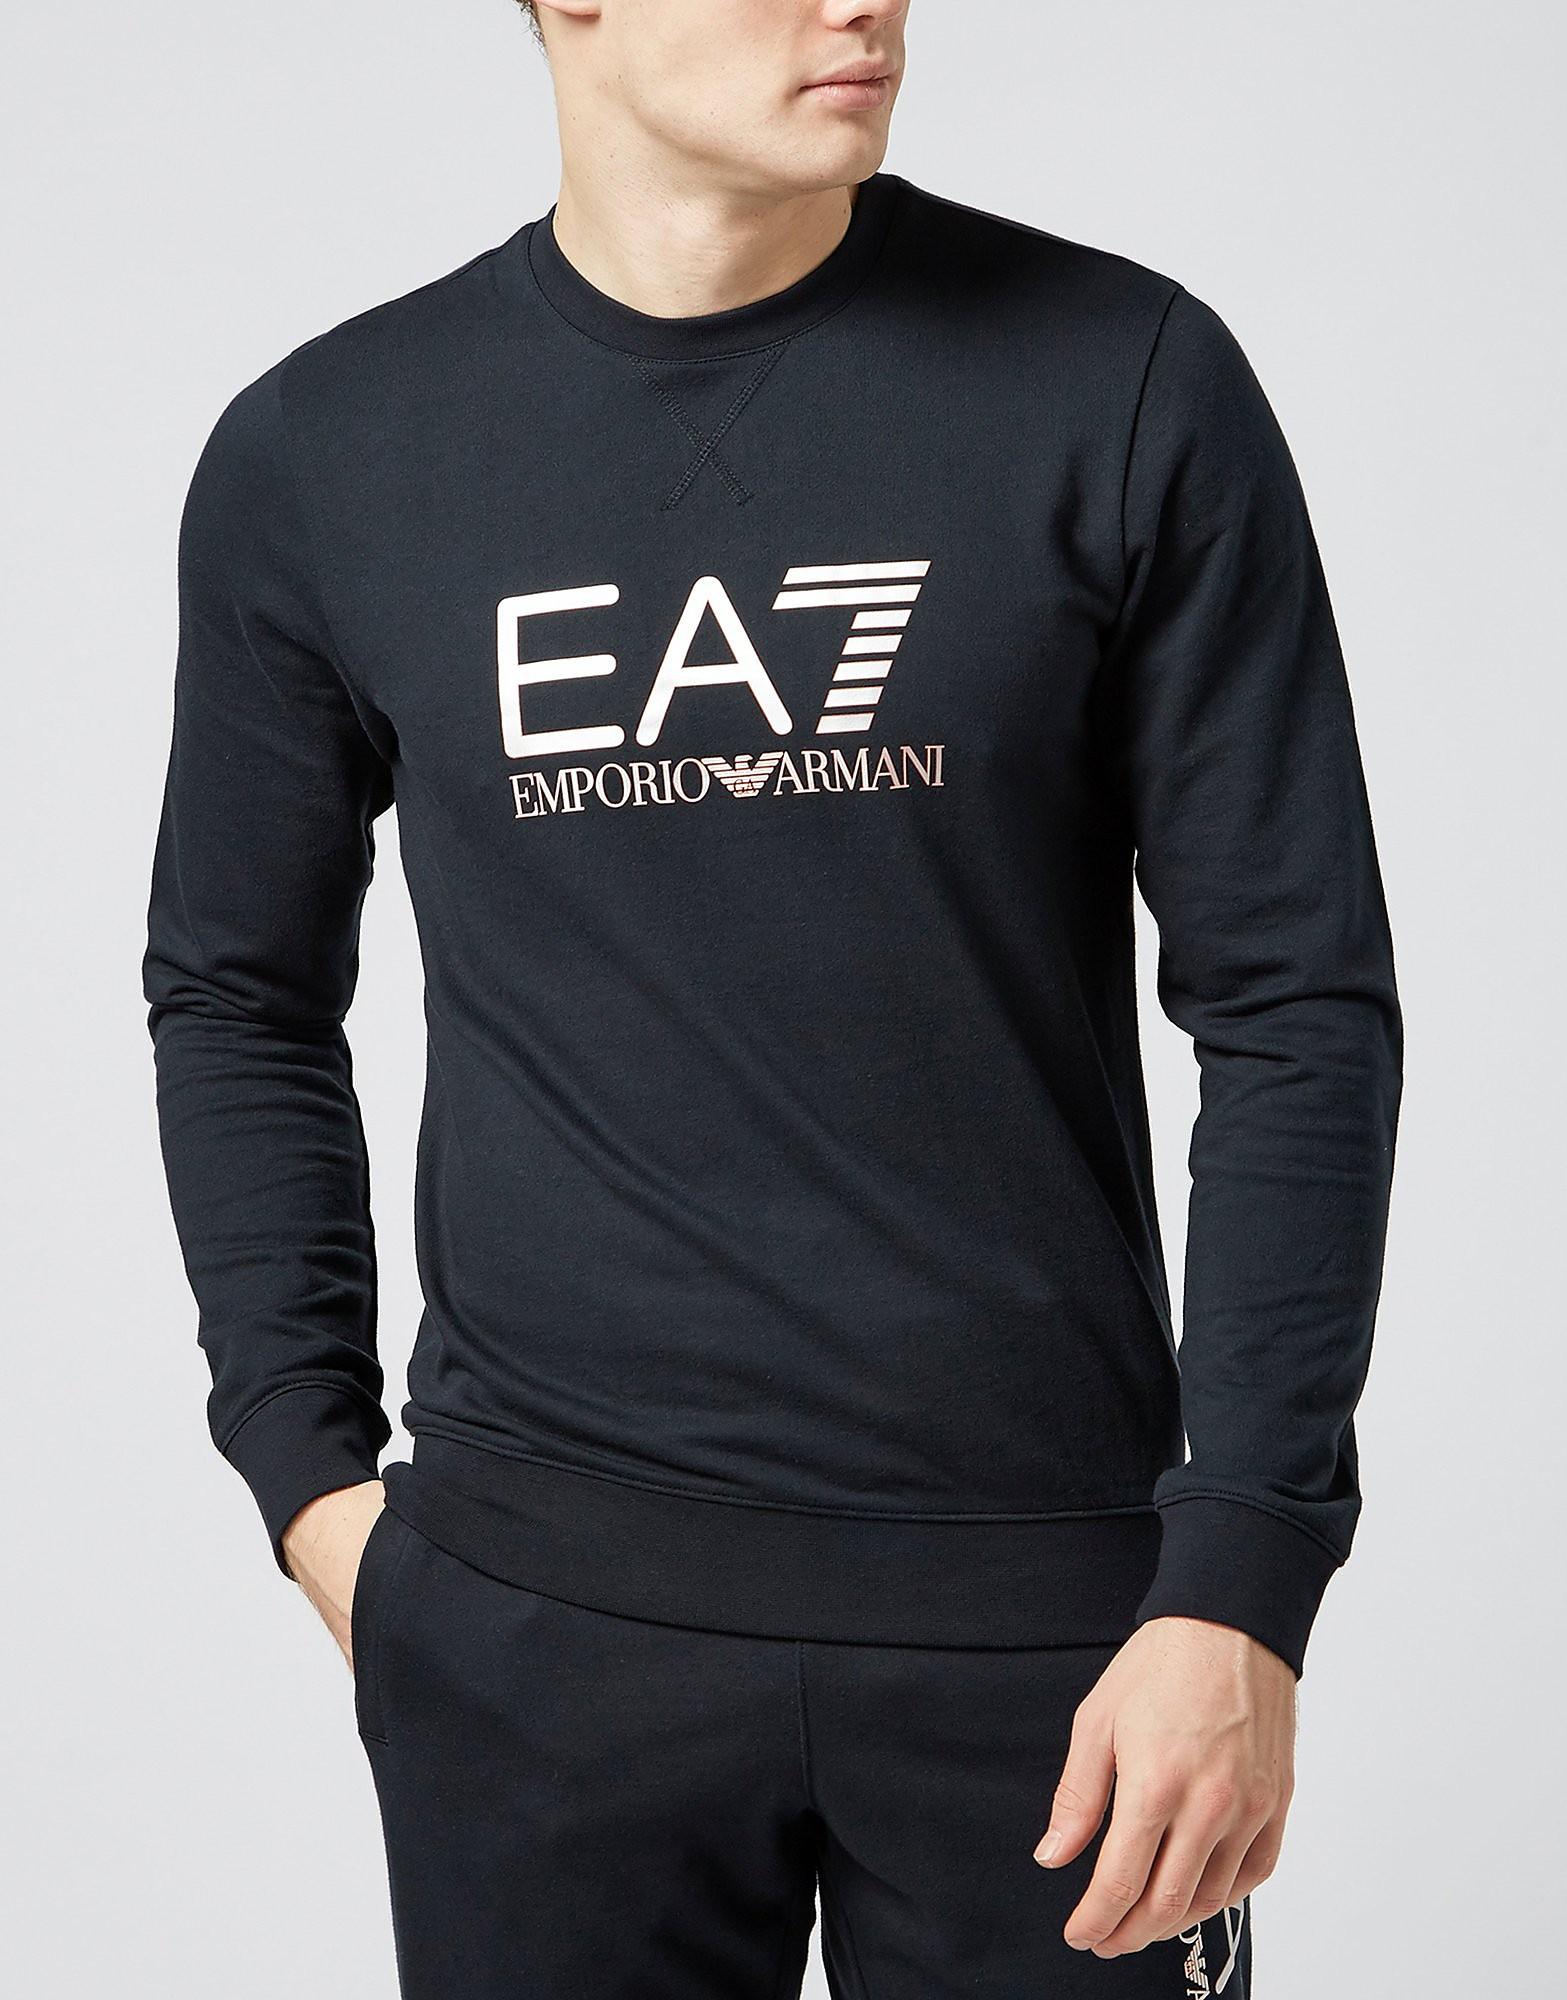 Emporio Armani EA7 Vis Silver Crew Sweatshirt